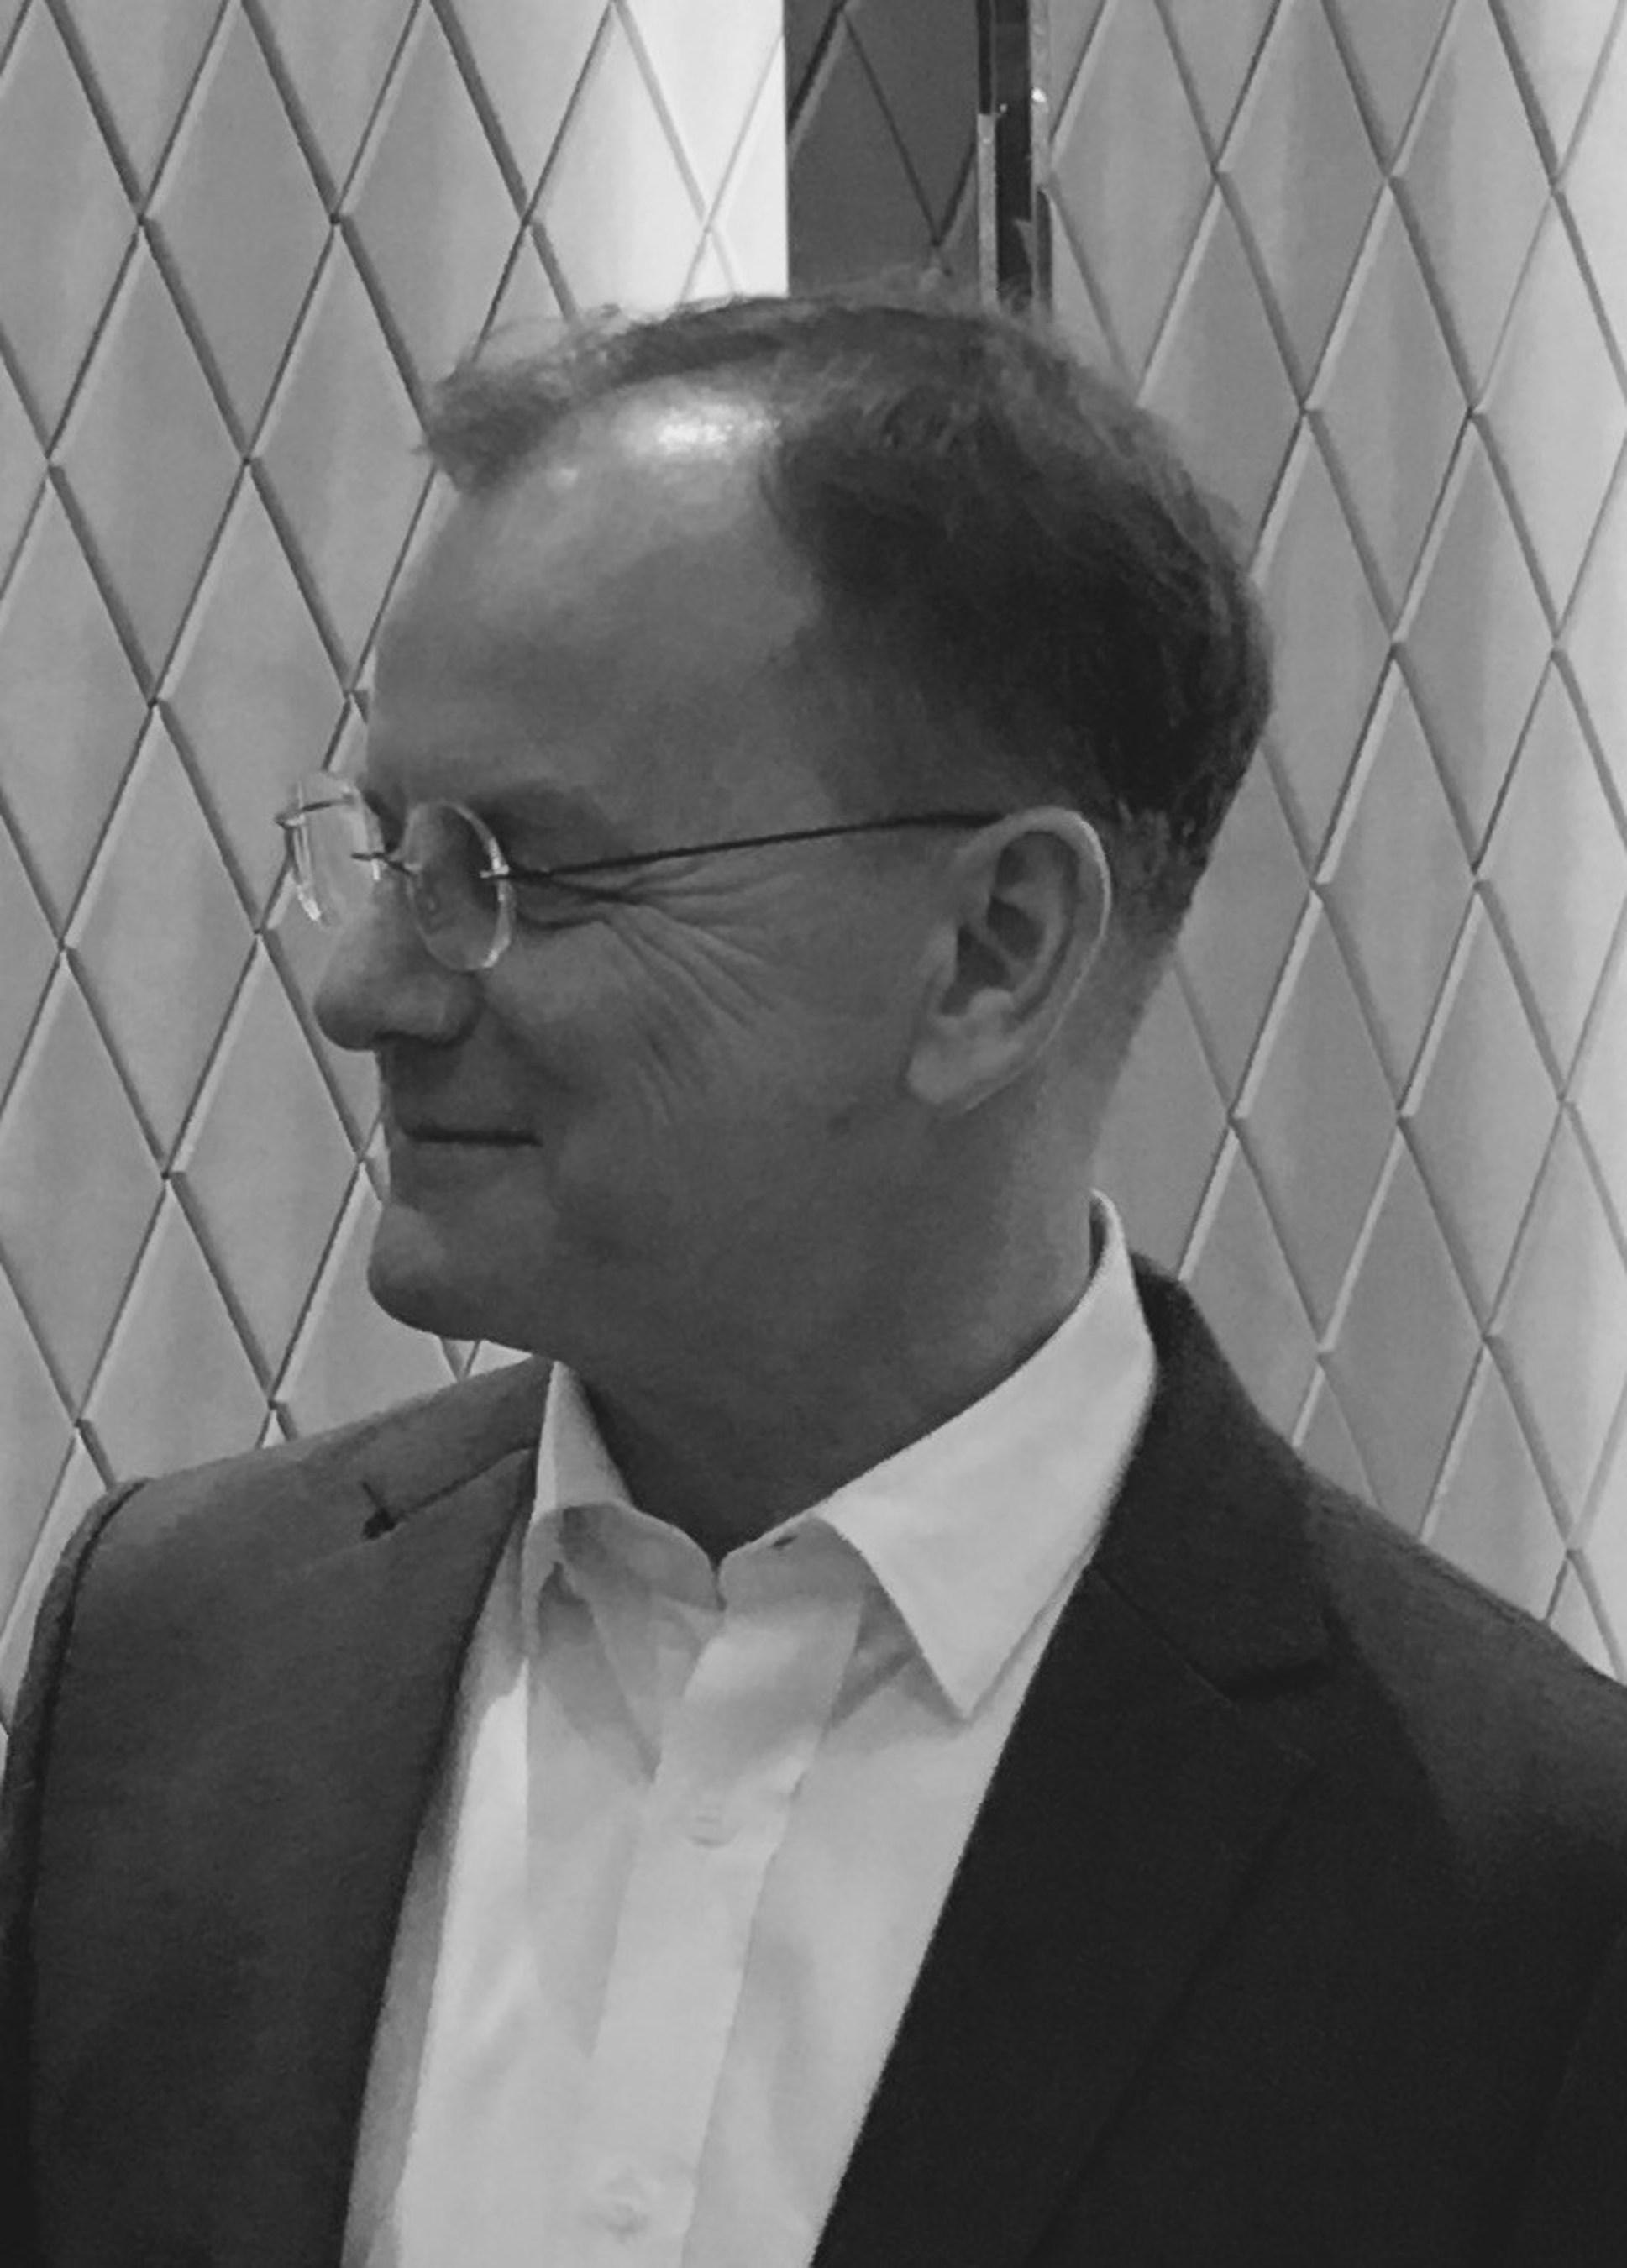 Scott Gipson, Fibertite Vice President & General Manager